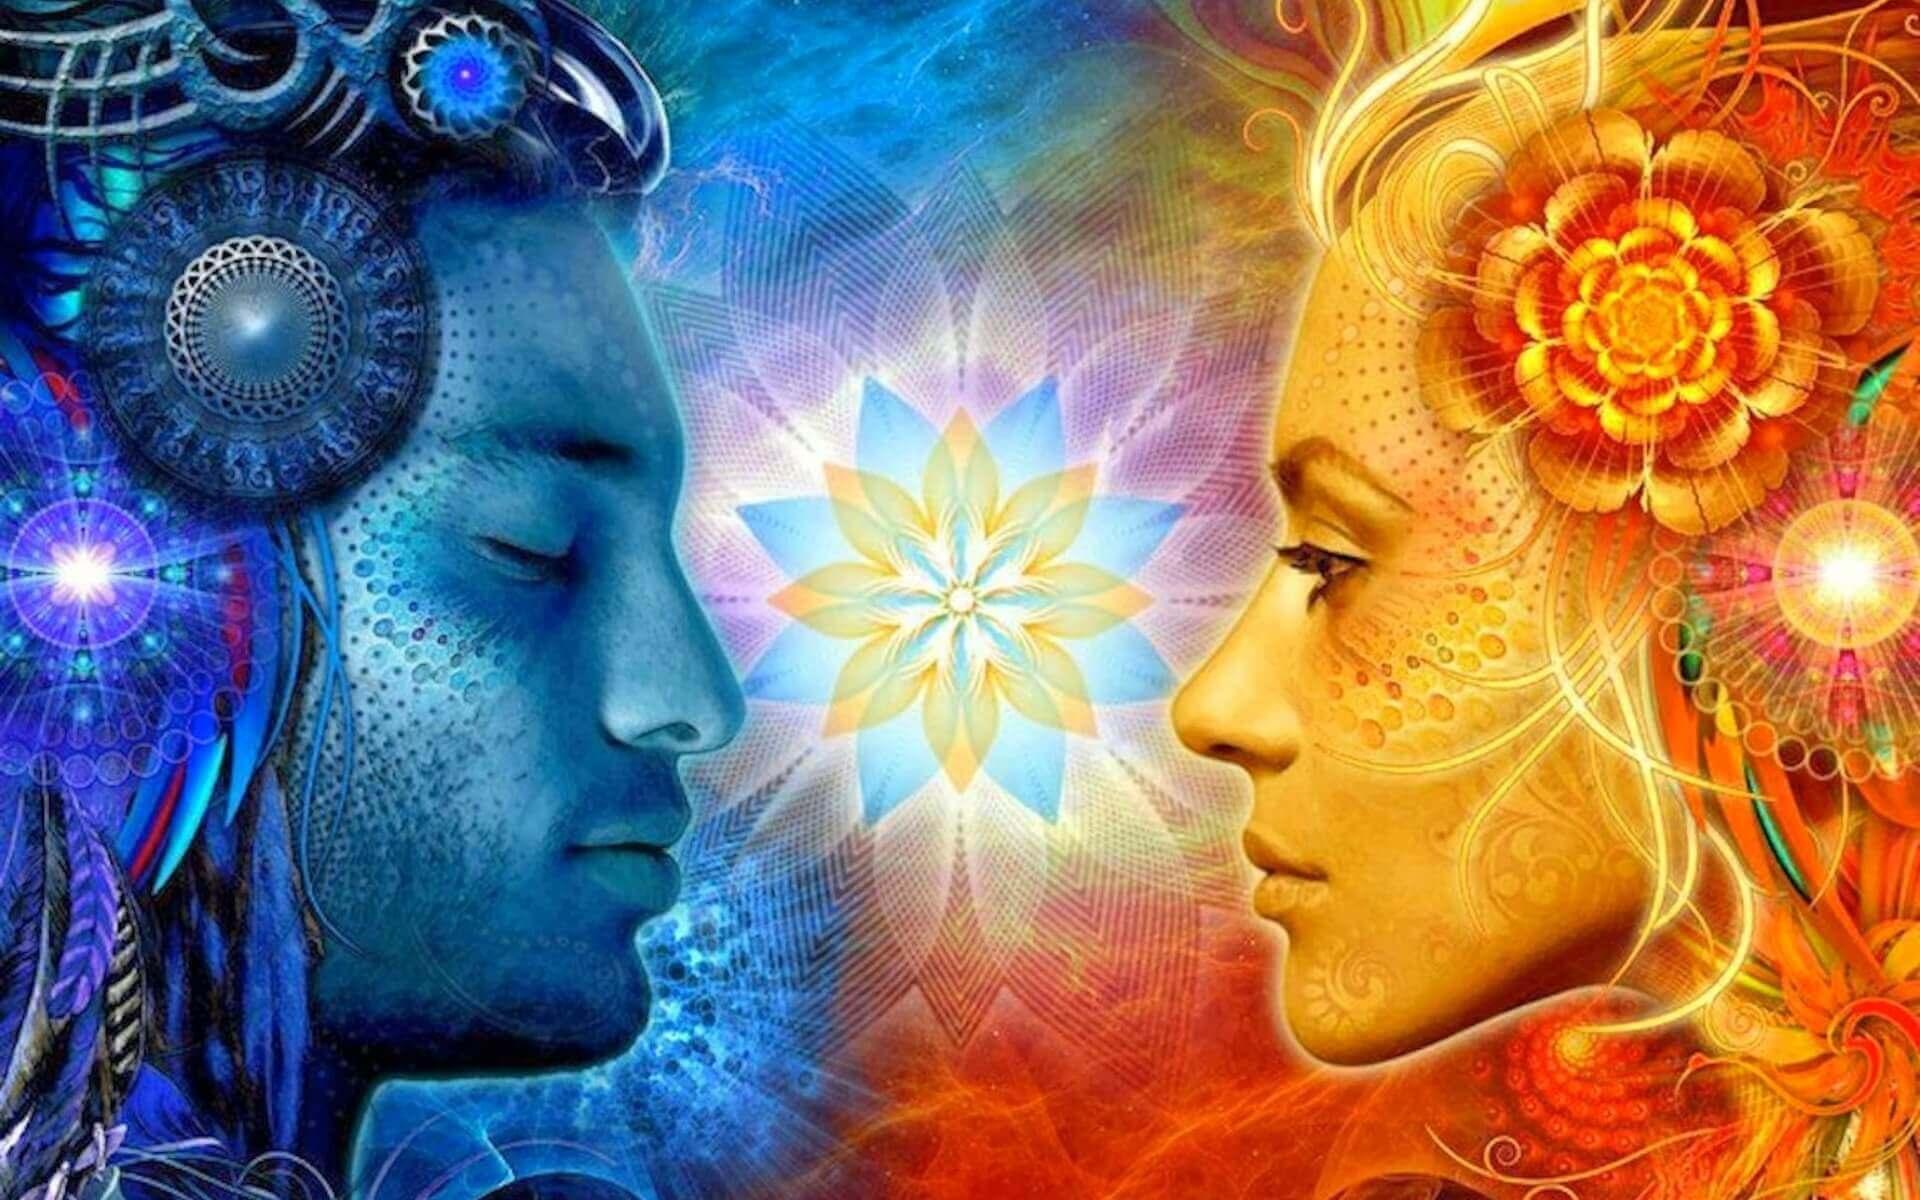 мужская и женская энергия